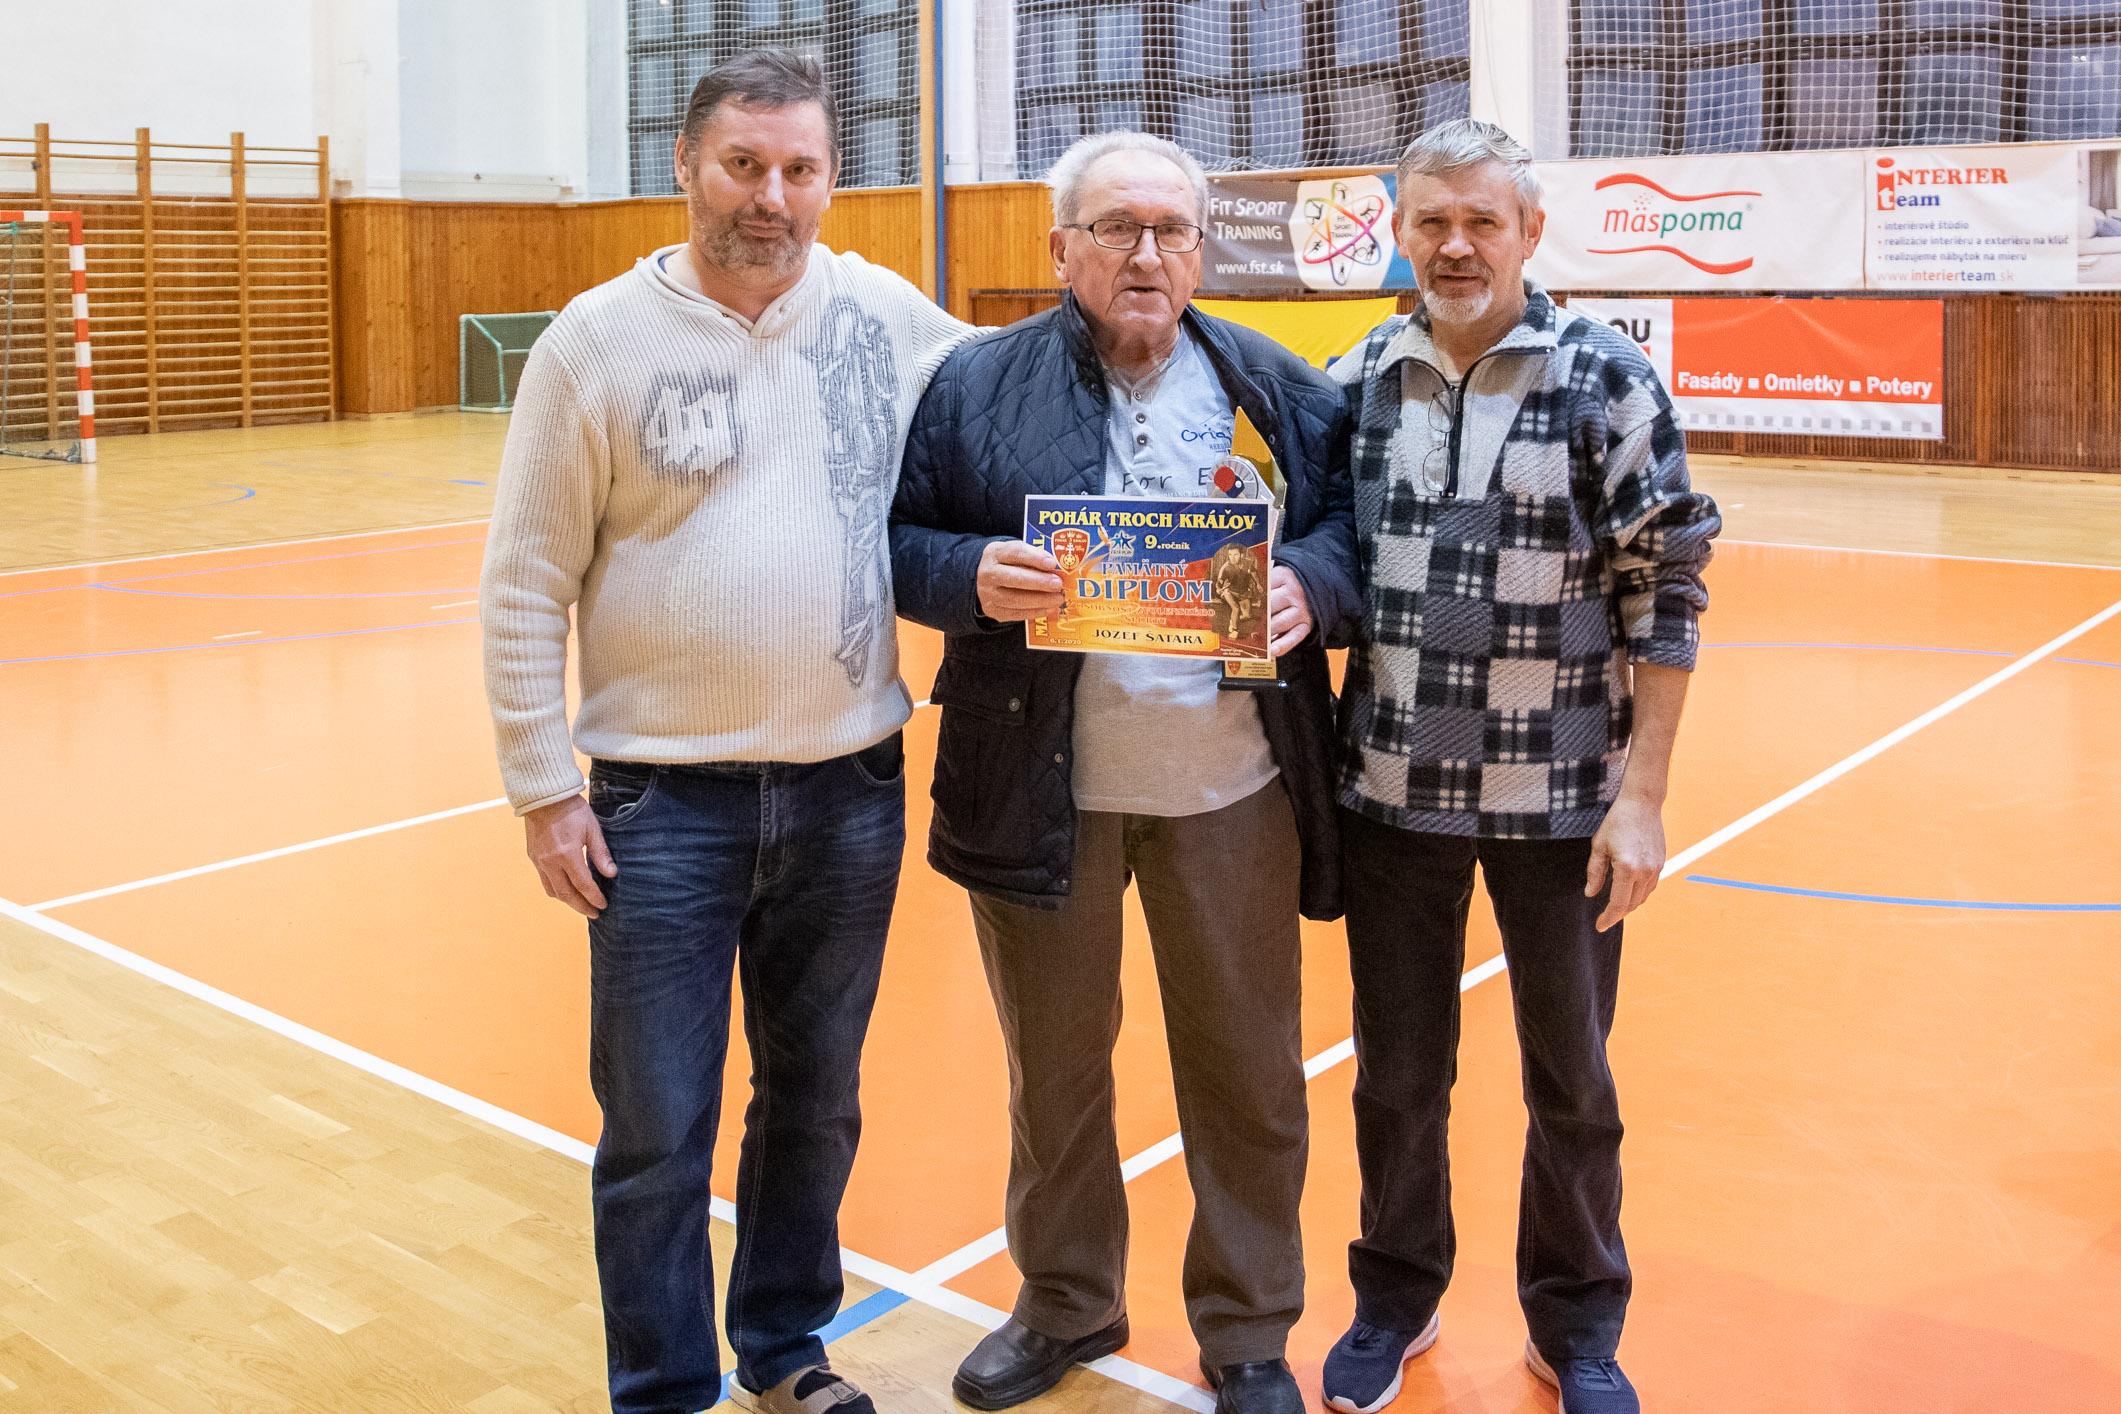 satara-turnaj-troch-kralov-zv-1